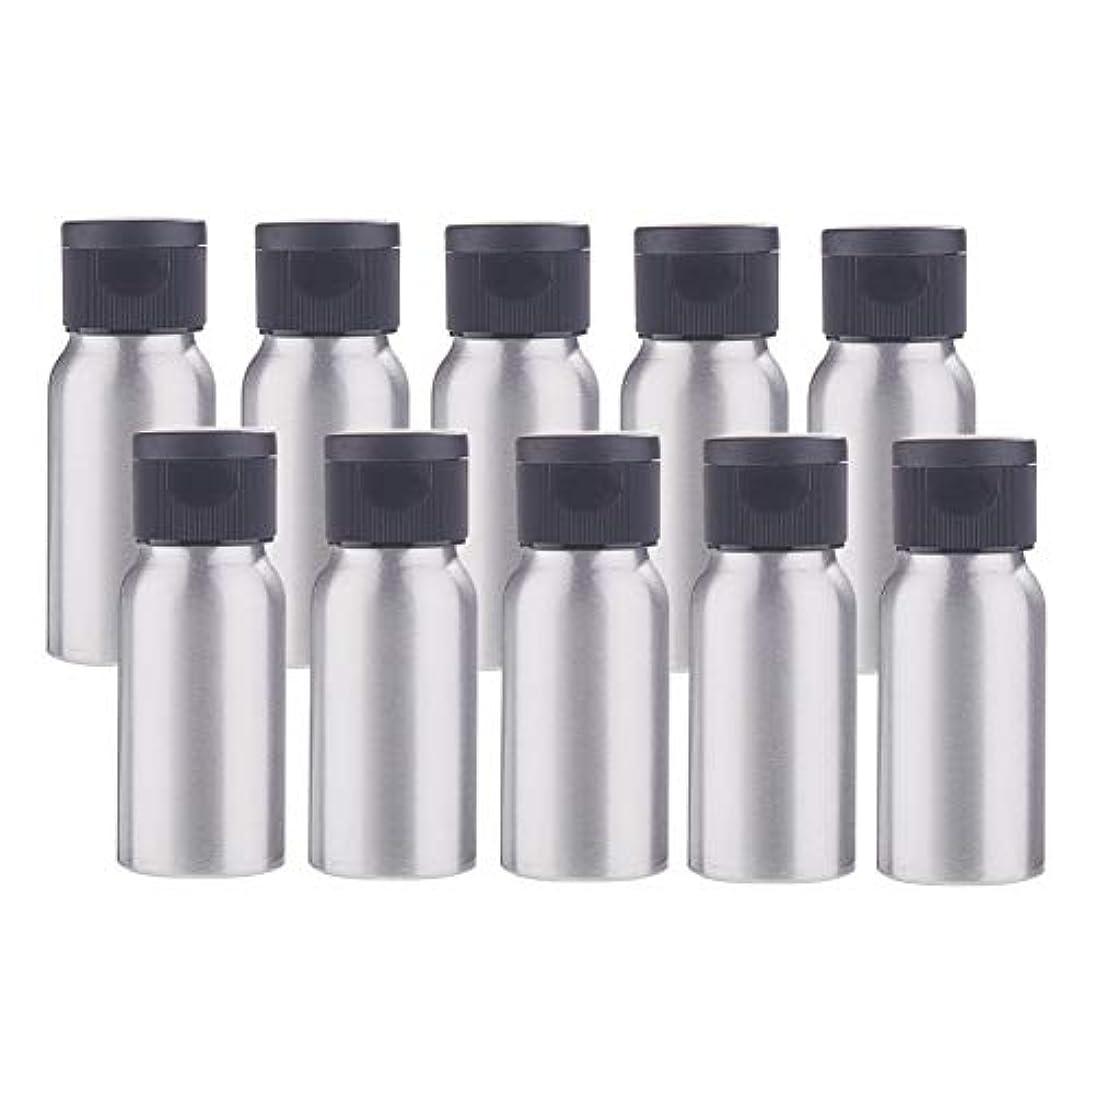 安定空いているガムBENECREAT 10個セット30mlアルミボトル フリップカバー空瓶 防錆 遮光 軽量 化粧品 アロマ 小分け 詰め替え 黒いプラスチック蓋